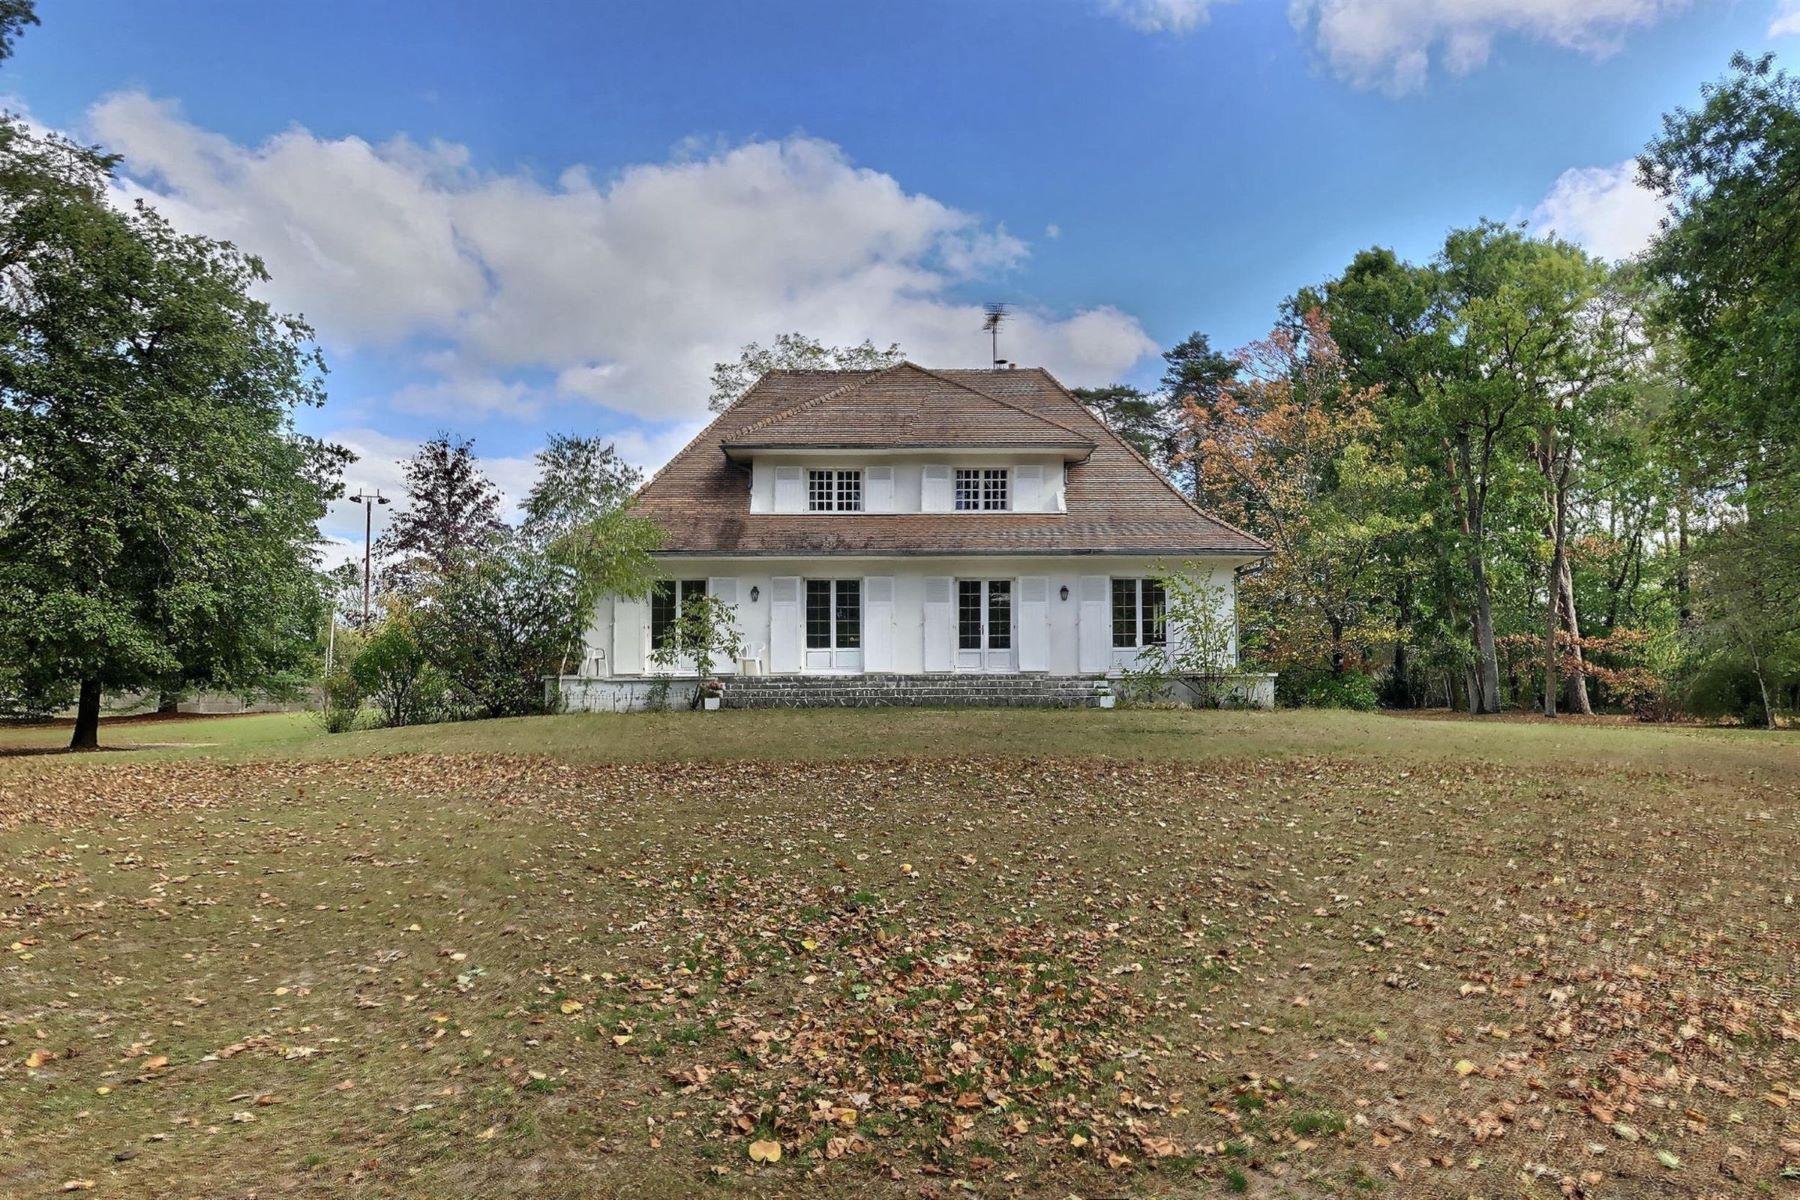 Single Family Homes for Active at Masion de 133 m2 sur un parc de 1h6 au coeur du village de la Ferté-Imbault. Salbris, Centre 41300 France